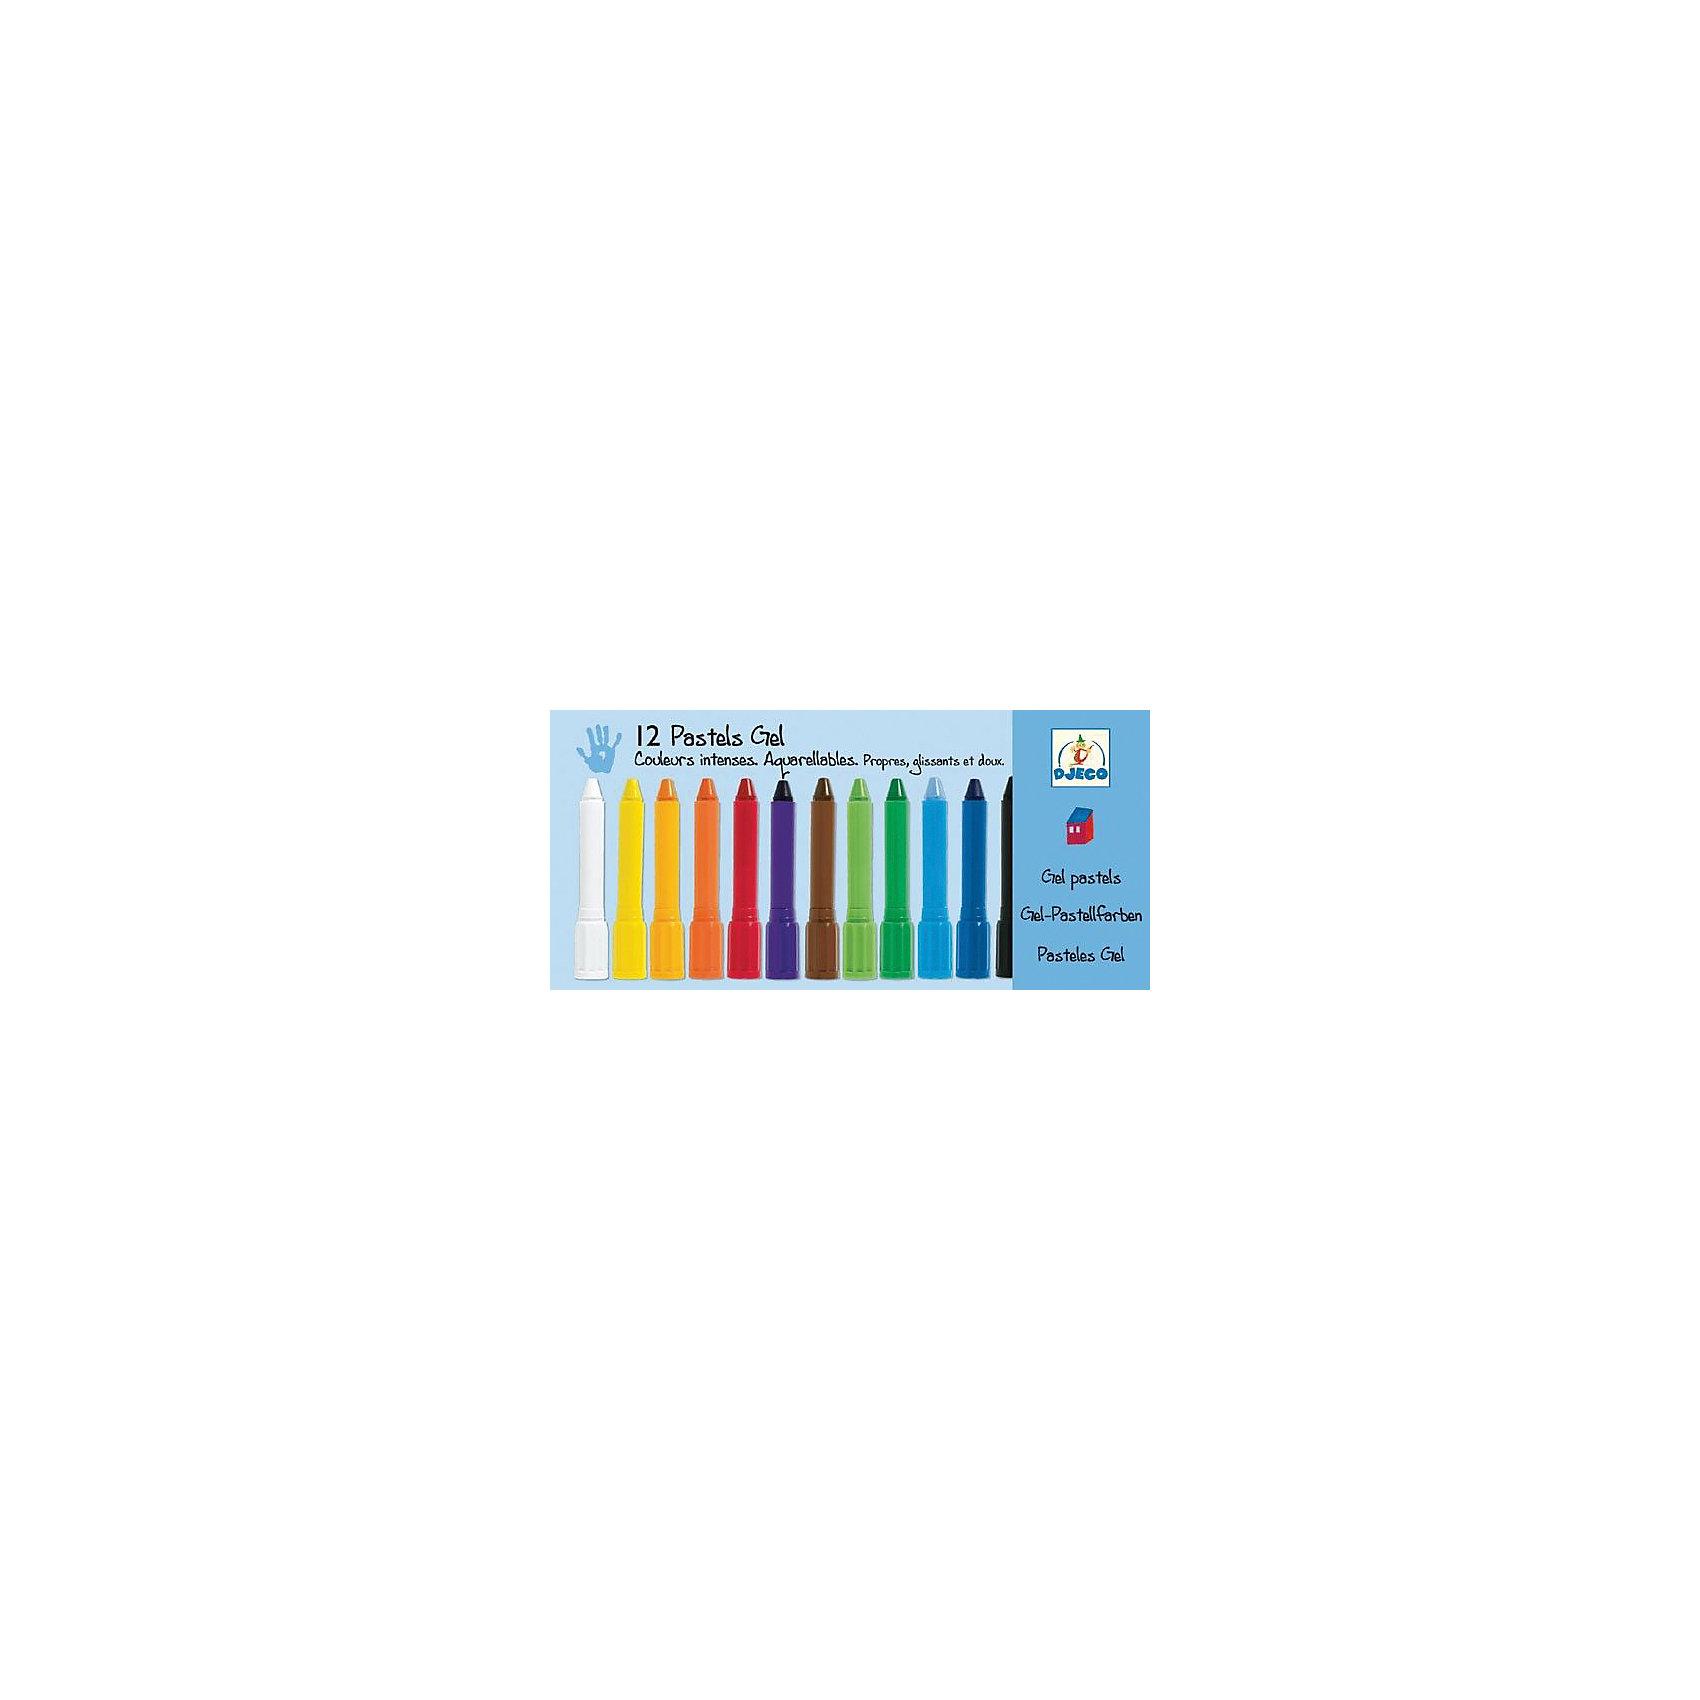 Набор пастельных карандашей, 12 шт., DJECOРисование<br>Характеристики пастельных карандашей:<br><br>• возраст: от 2 лет<br>• пол: универсальный<br>• тип: карандаши<br>• размер упаковки: 11.5 х 25 х 2.2 см.<br>• упаковка: картонная коробка.<br>• бренд: Djeco<br>• страна обладатель бренда: Франция.<br><br>В комплекте 12 пластиковых футляров с гелиевой пастелью ярких цветов в коробочке. Пастельные карандаши легко наносятся на бумагу, создавая гладкие мягкие линии, смешав цвета, можно получить новый оттенок. Благодаря пластиковому футляру с закручивающейся крышечкой, дети не будут пачкать руки. <br><br>Набор пастельных карандашей от торговой марки Djeco (Джеко) можно купить в нашем интернет-магазине.<br><br>Ширина мм: 250<br>Глубина мм: 120<br>Высота мм: 30<br>Вес г: 310<br>Возраст от месяцев: 24<br>Возраст до месяцев: 2147483647<br>Пол: Унисекс<br>Возраст: Детский<br>SKU: 5448806